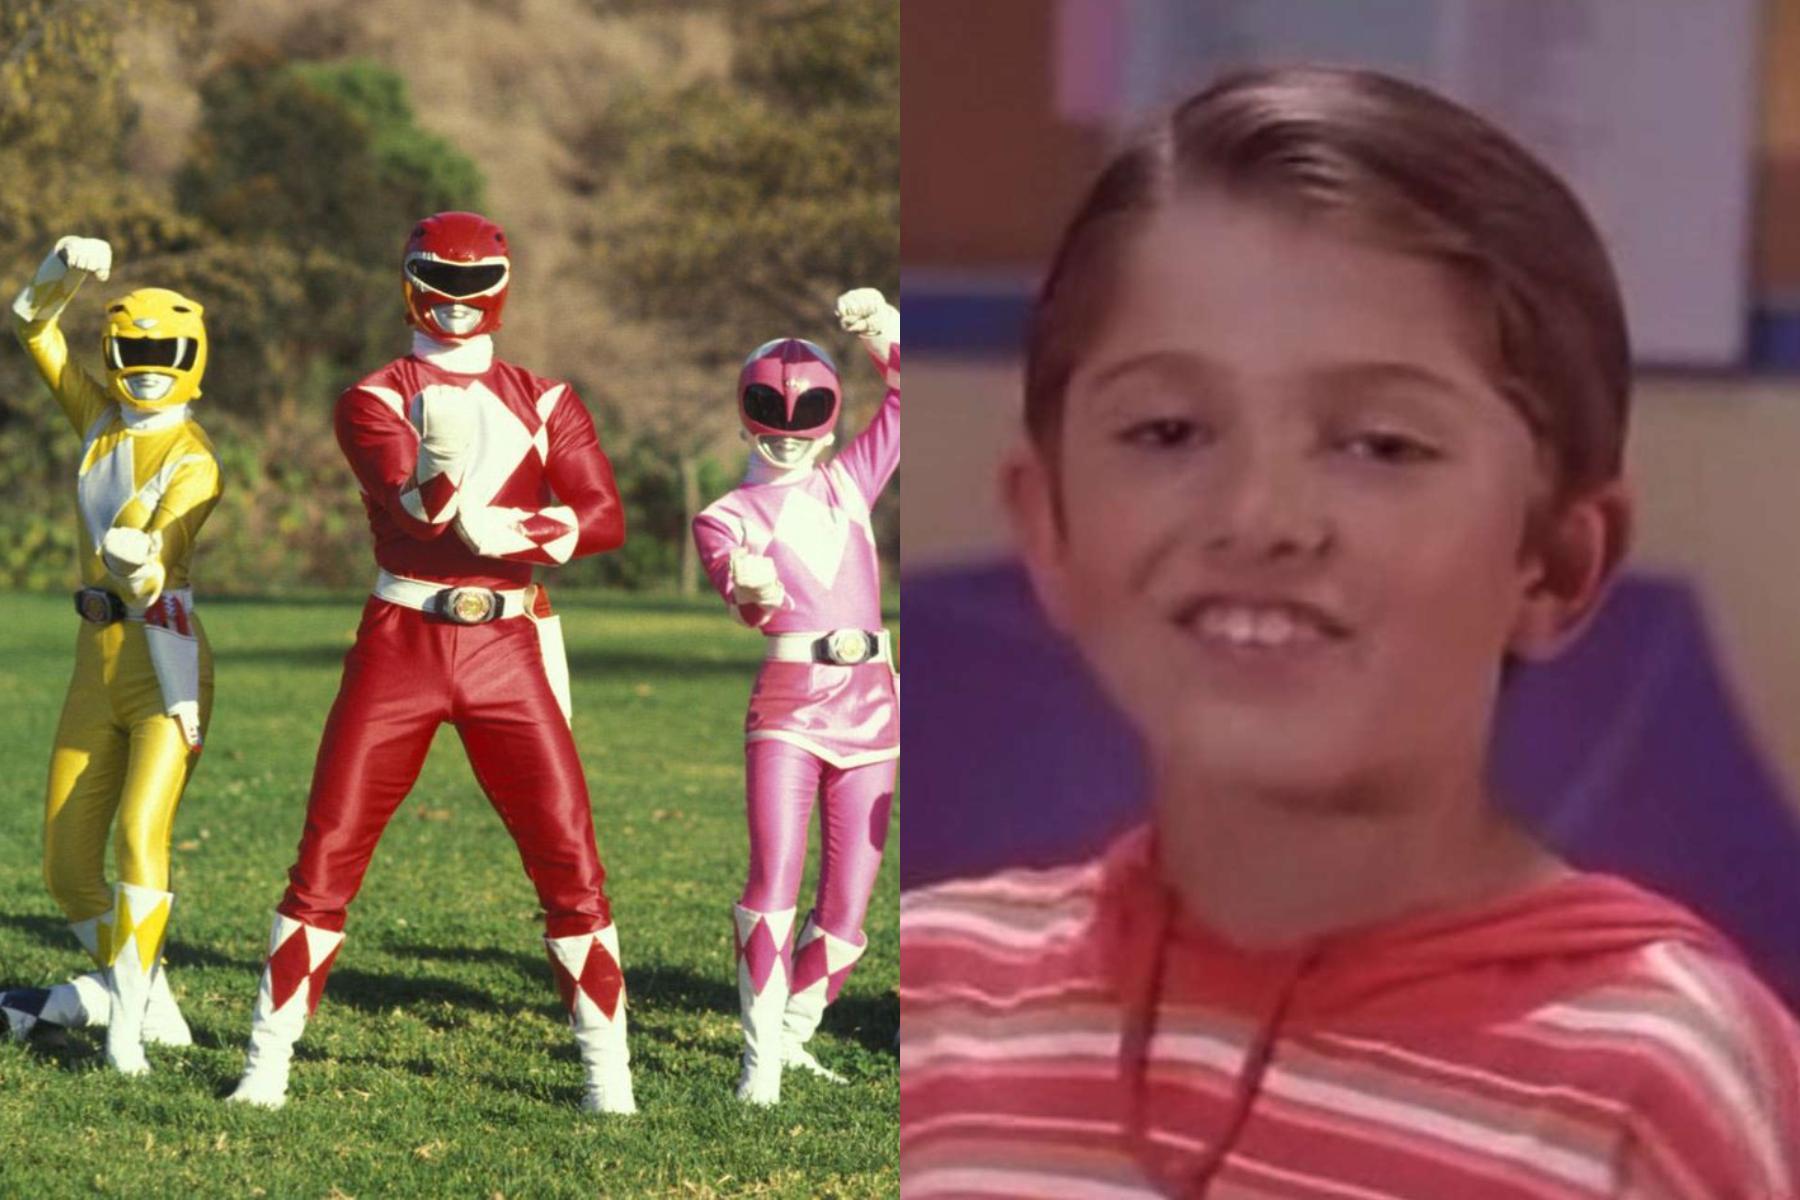 Το παιδί που έπαιξε στου Power Ranger & έγινε δολοφόνος μεγαλώνοντας